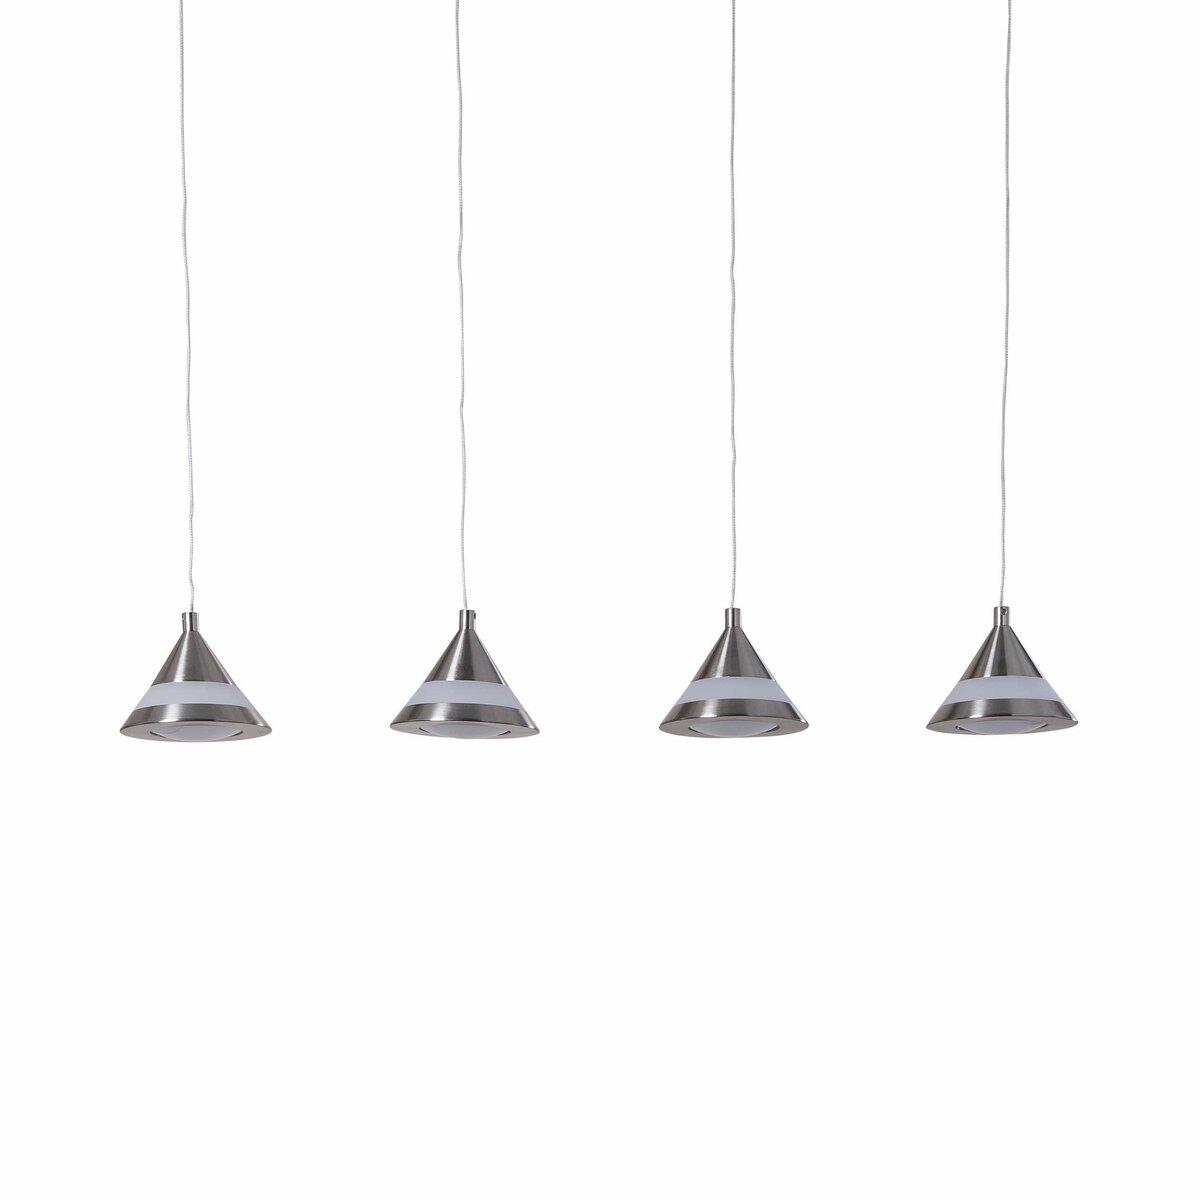 Bild 3 von DesignLive LED-Pendelleuchte